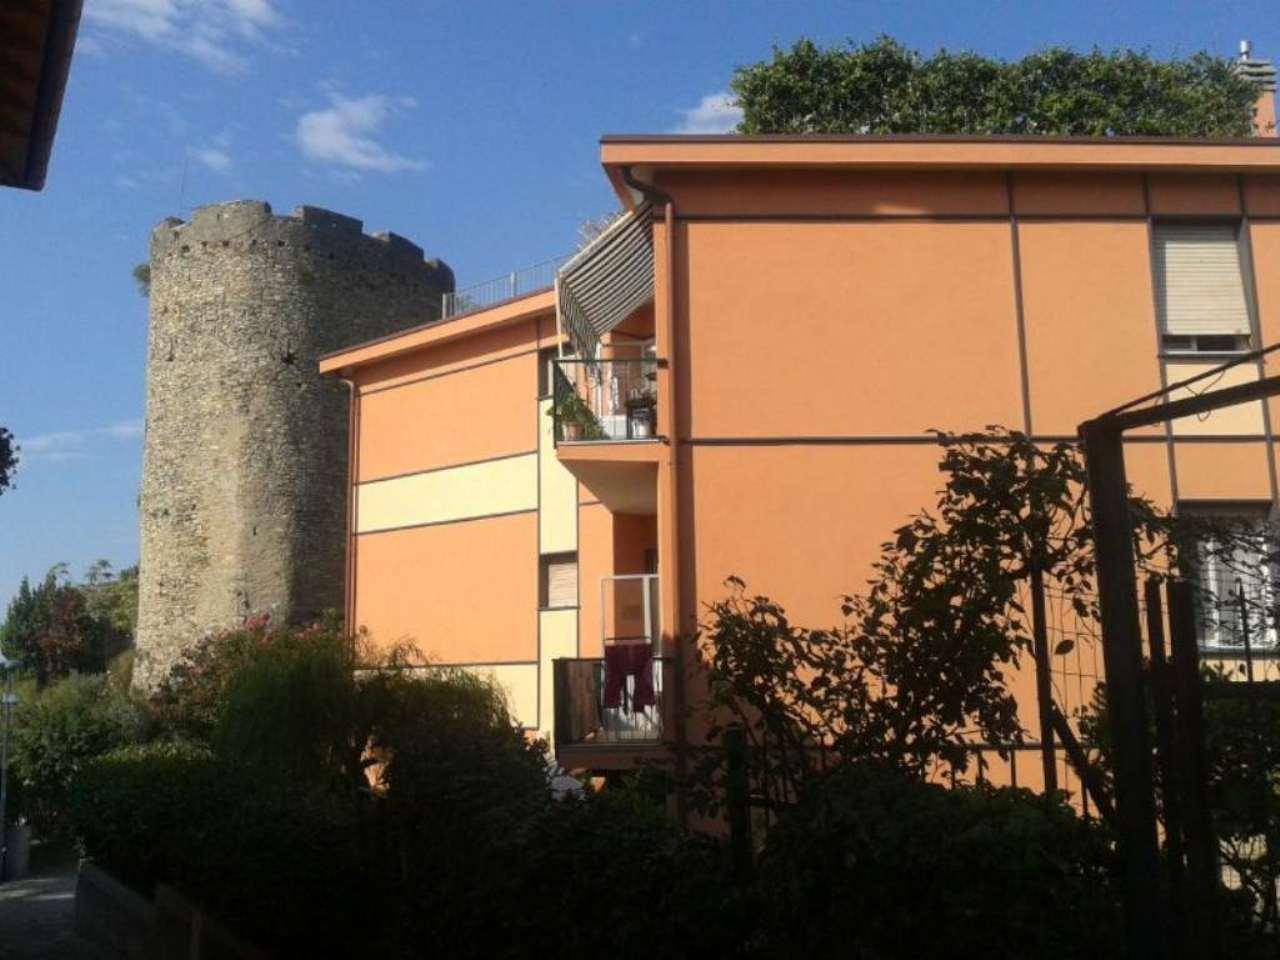 Appartamento in vendita a Chiavari, 3 locali, prezzo € 220.000 | PortaleAgenzieImmobiliari.it